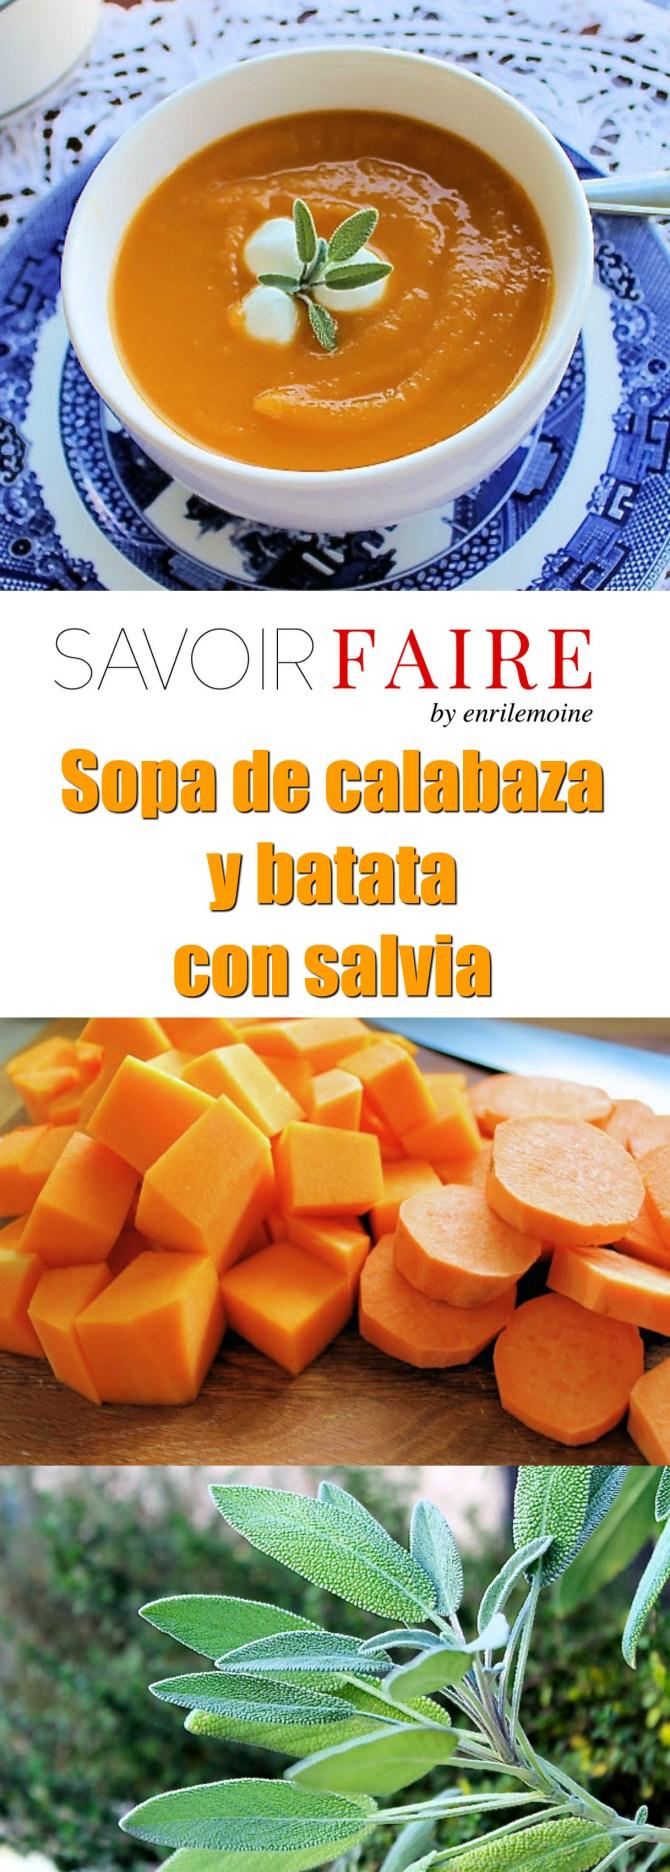 Sopa de calabaza y batata con salvia - SAVOIR FAIRE by enrilemoine